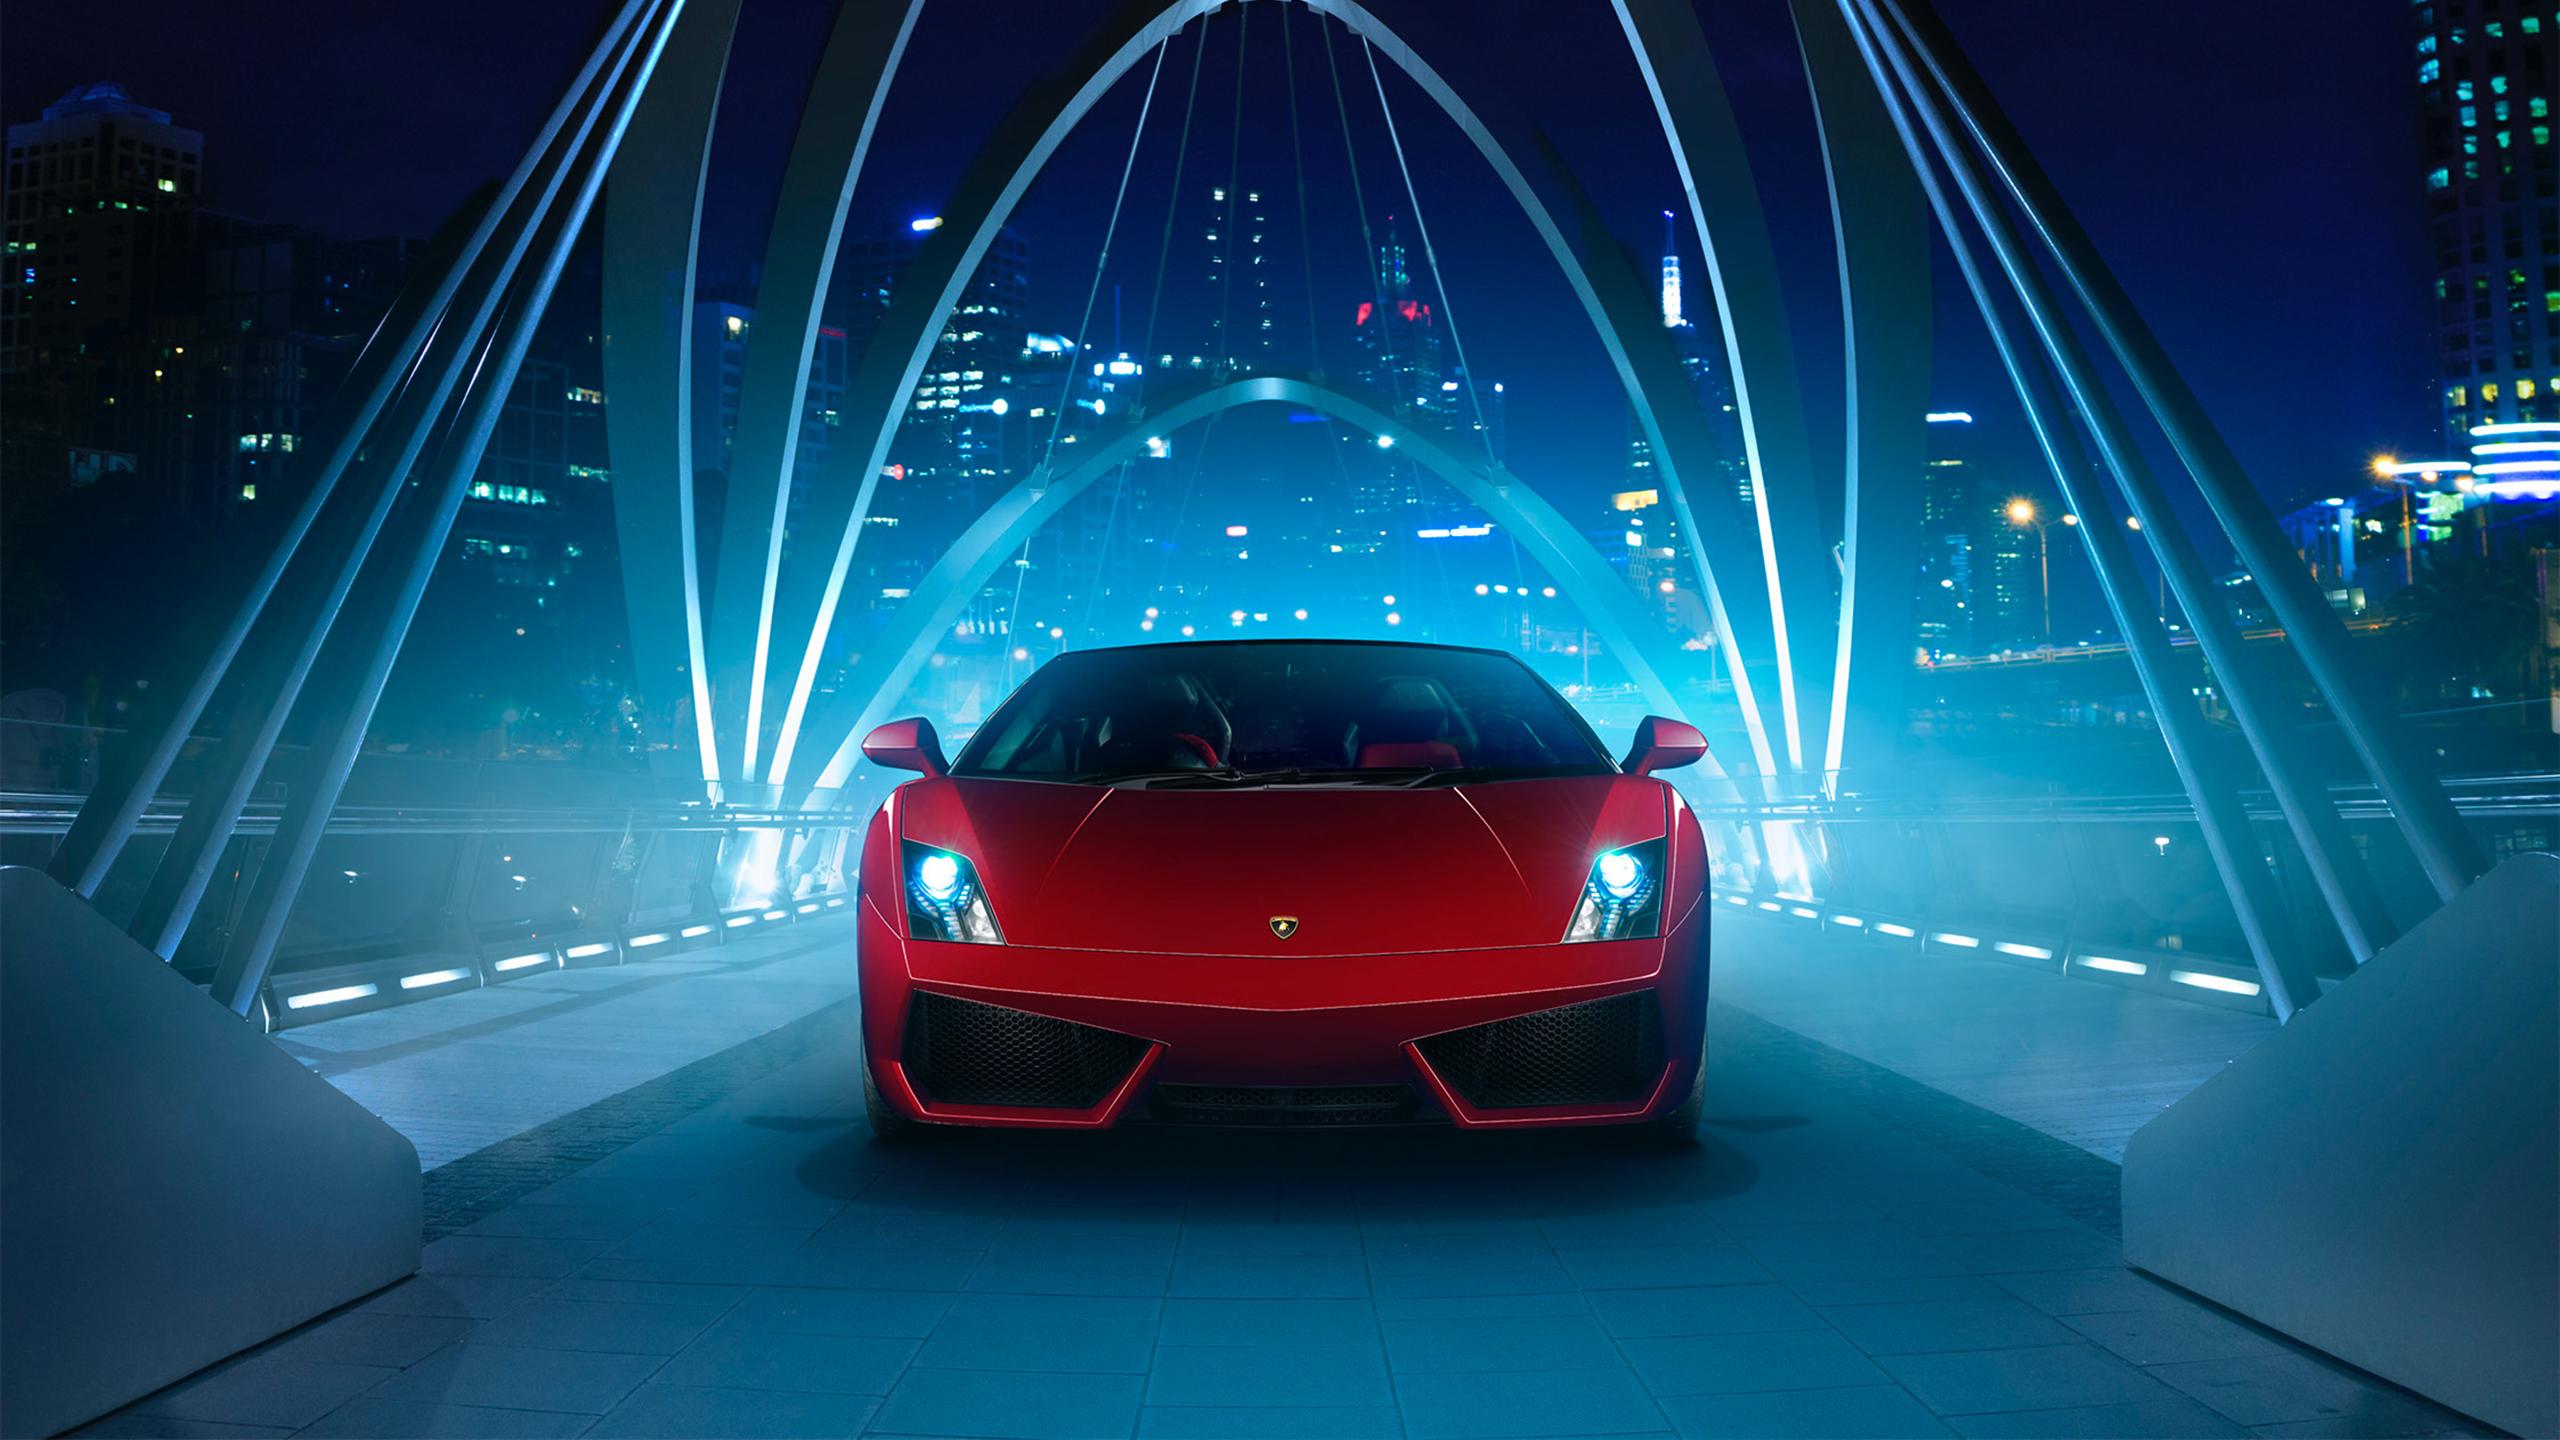 Lamborghini Gallardo Wallpaper Hd Car Wallpapers Id 12516